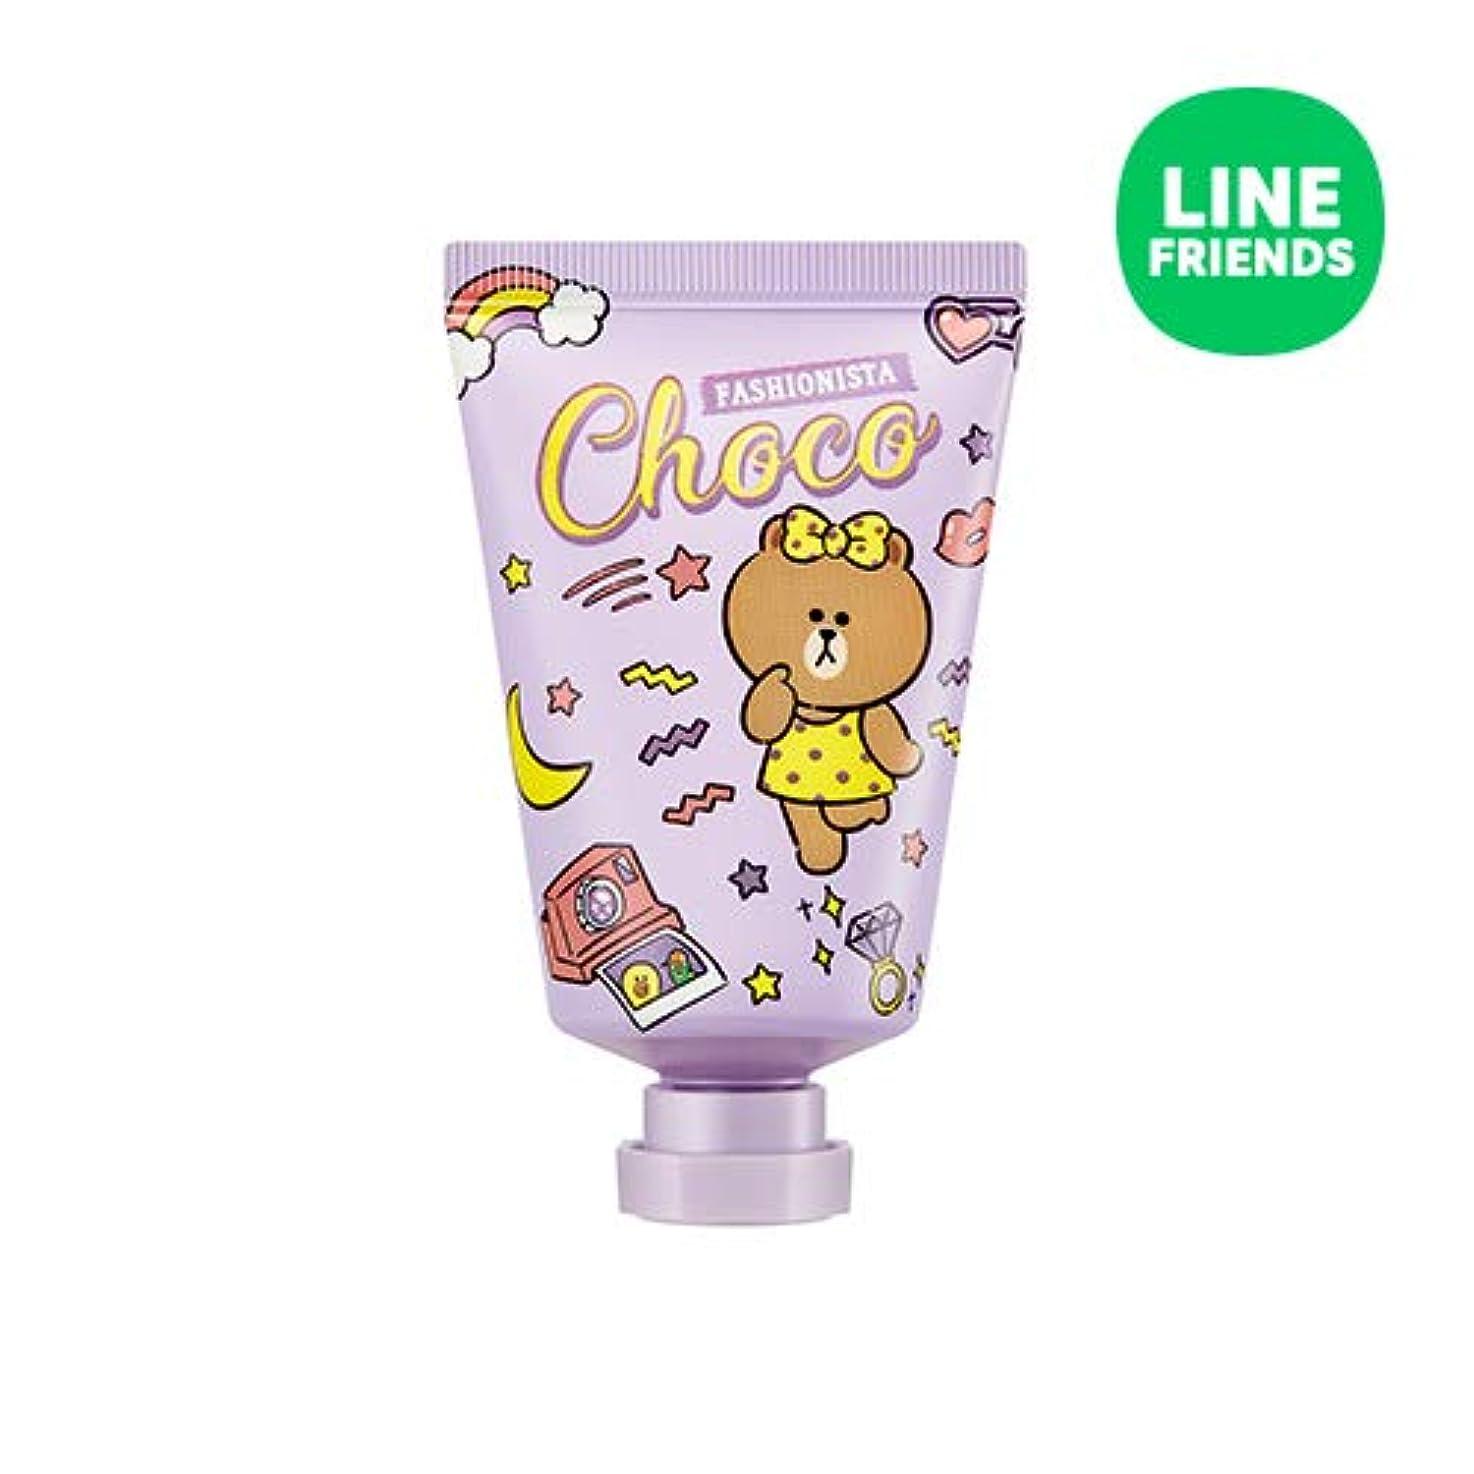 間接的グロー川ミシャ(ラインフレンズ)ラブシークレットハンドクリーム 30ml MISSHA [Line Friends Edition] Love Secret Hand Cream - Choco # Pitch Cocktail...